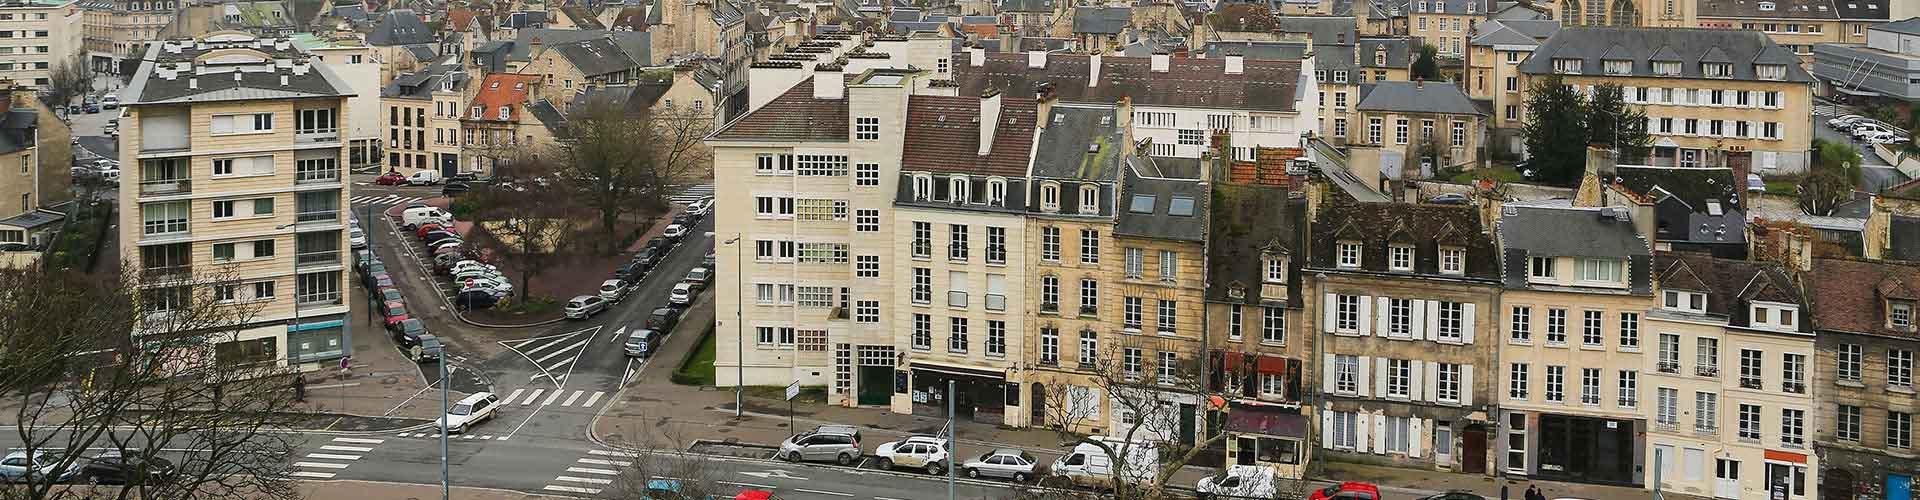 Caen - Hoteles baratos en Caen. Mapas de Caen, Fotos y comentarios de cada Hotel en Caen.